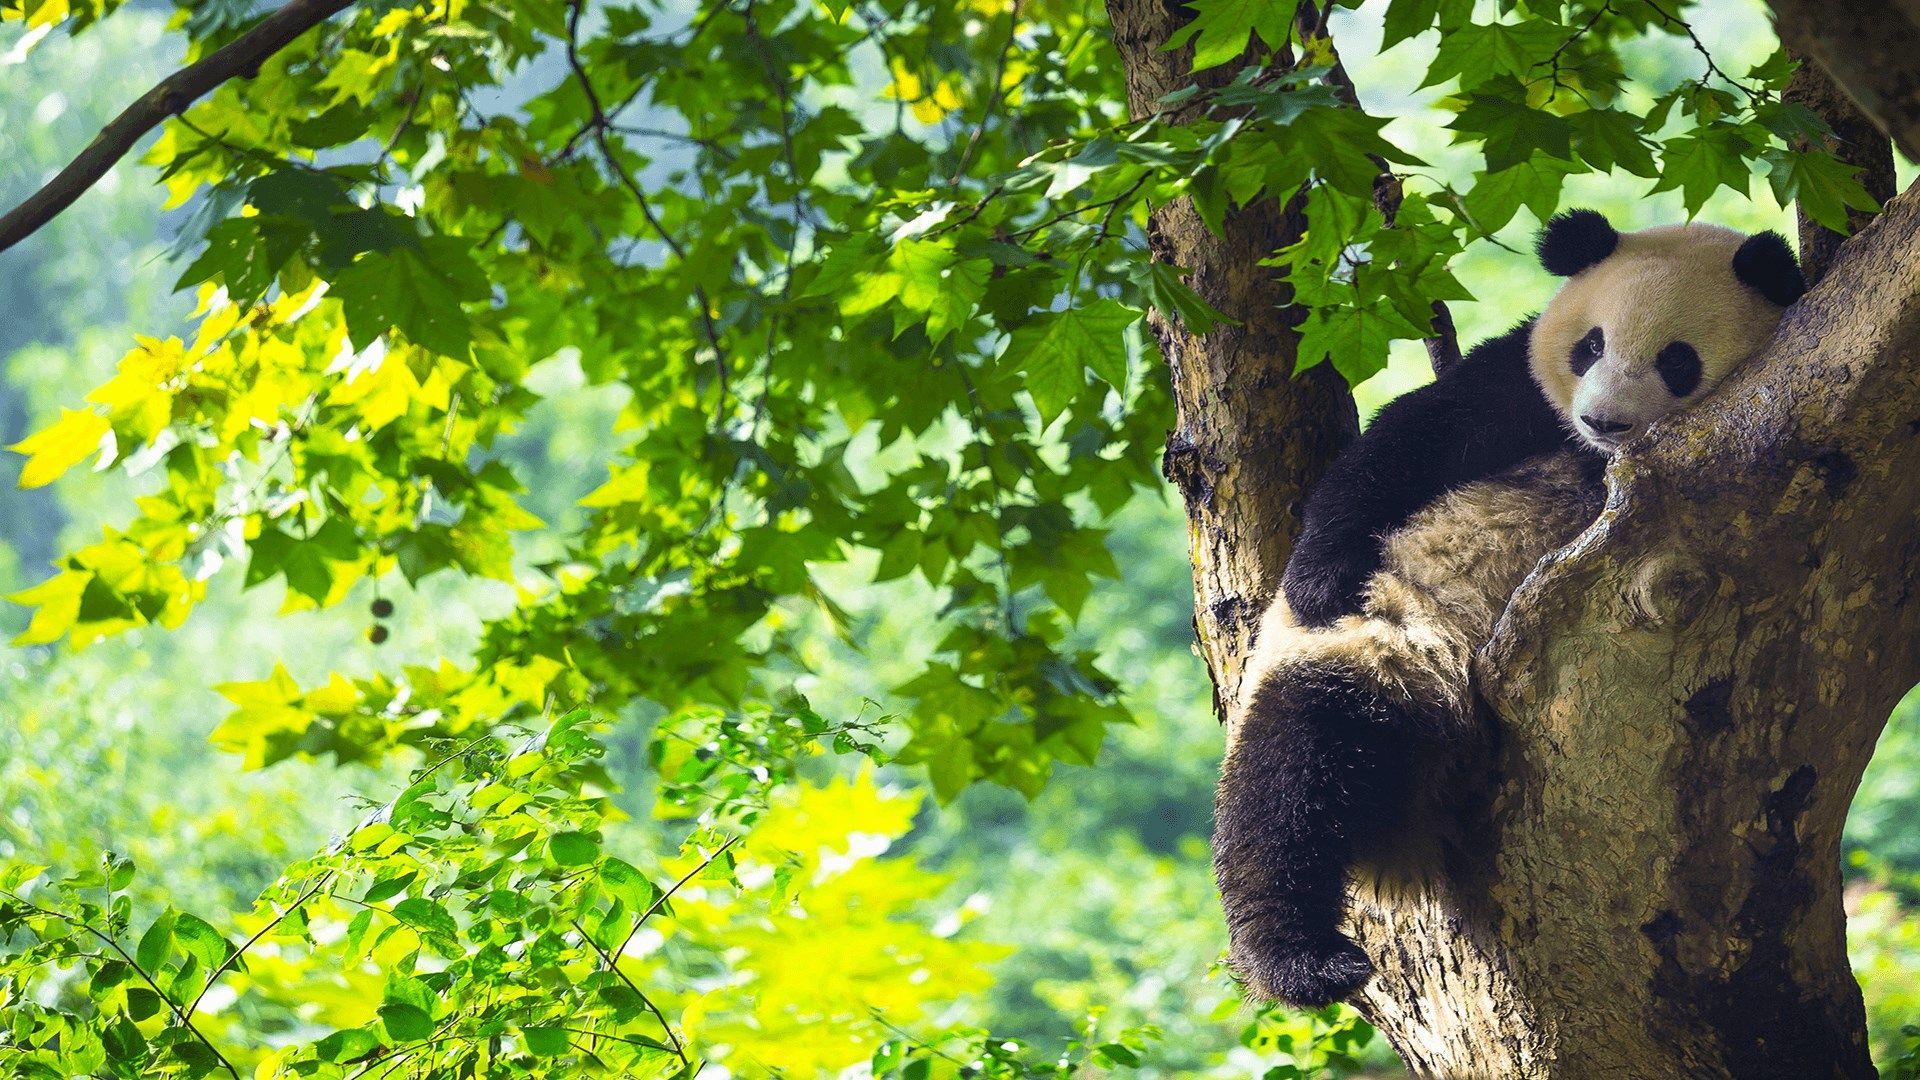 Panda Bears Wallpapers Panda Bear Panda Bears Wallpaper Bear Wallpaper